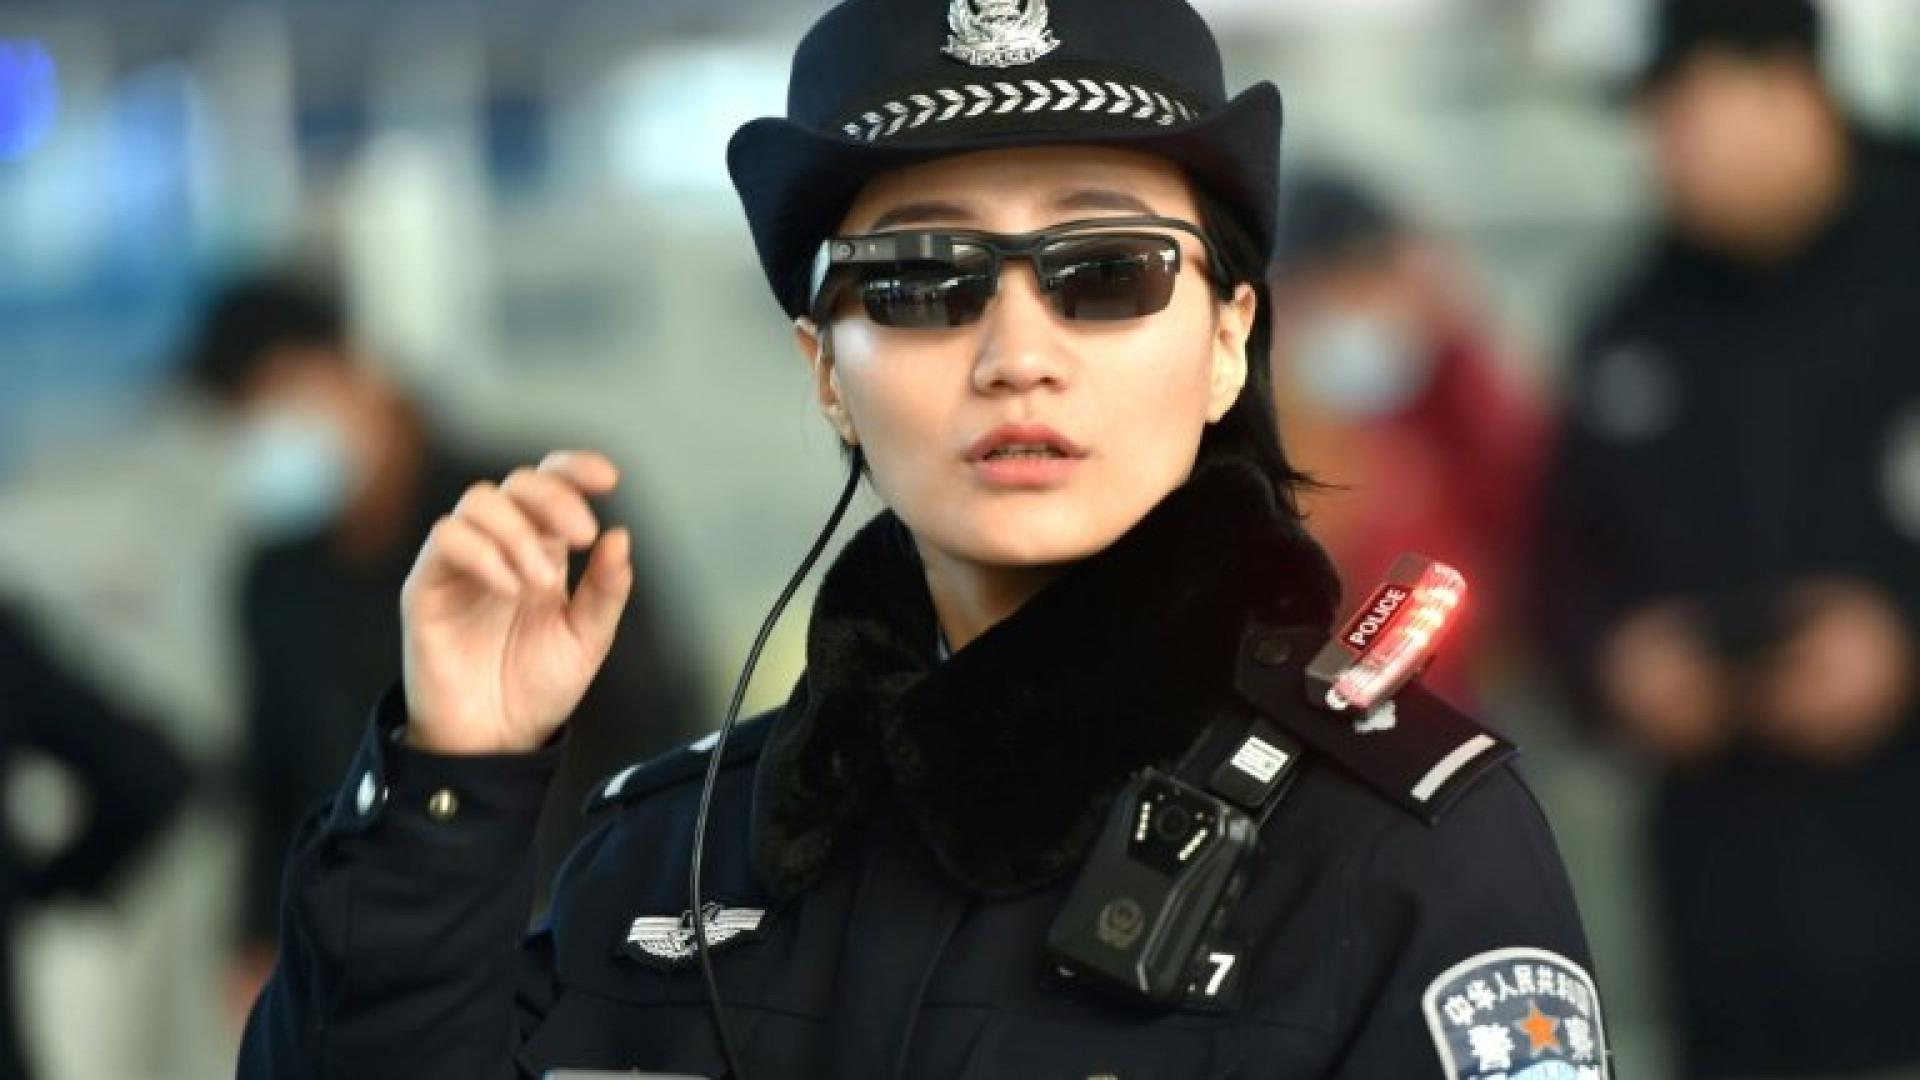 Óculos de reconhecimento facial serão mais usados pela polícia na China